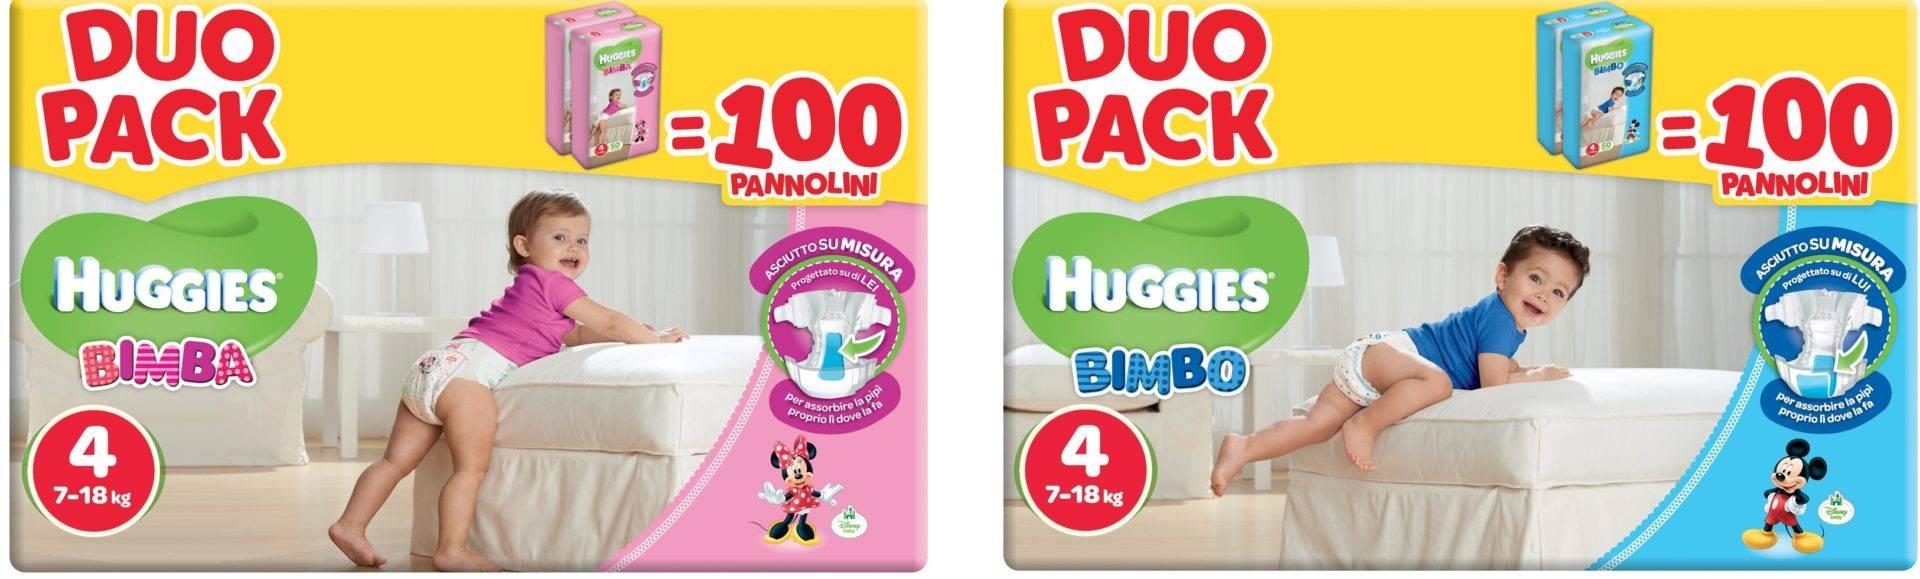 La pubblicità dei pannolini Huggies incriminata